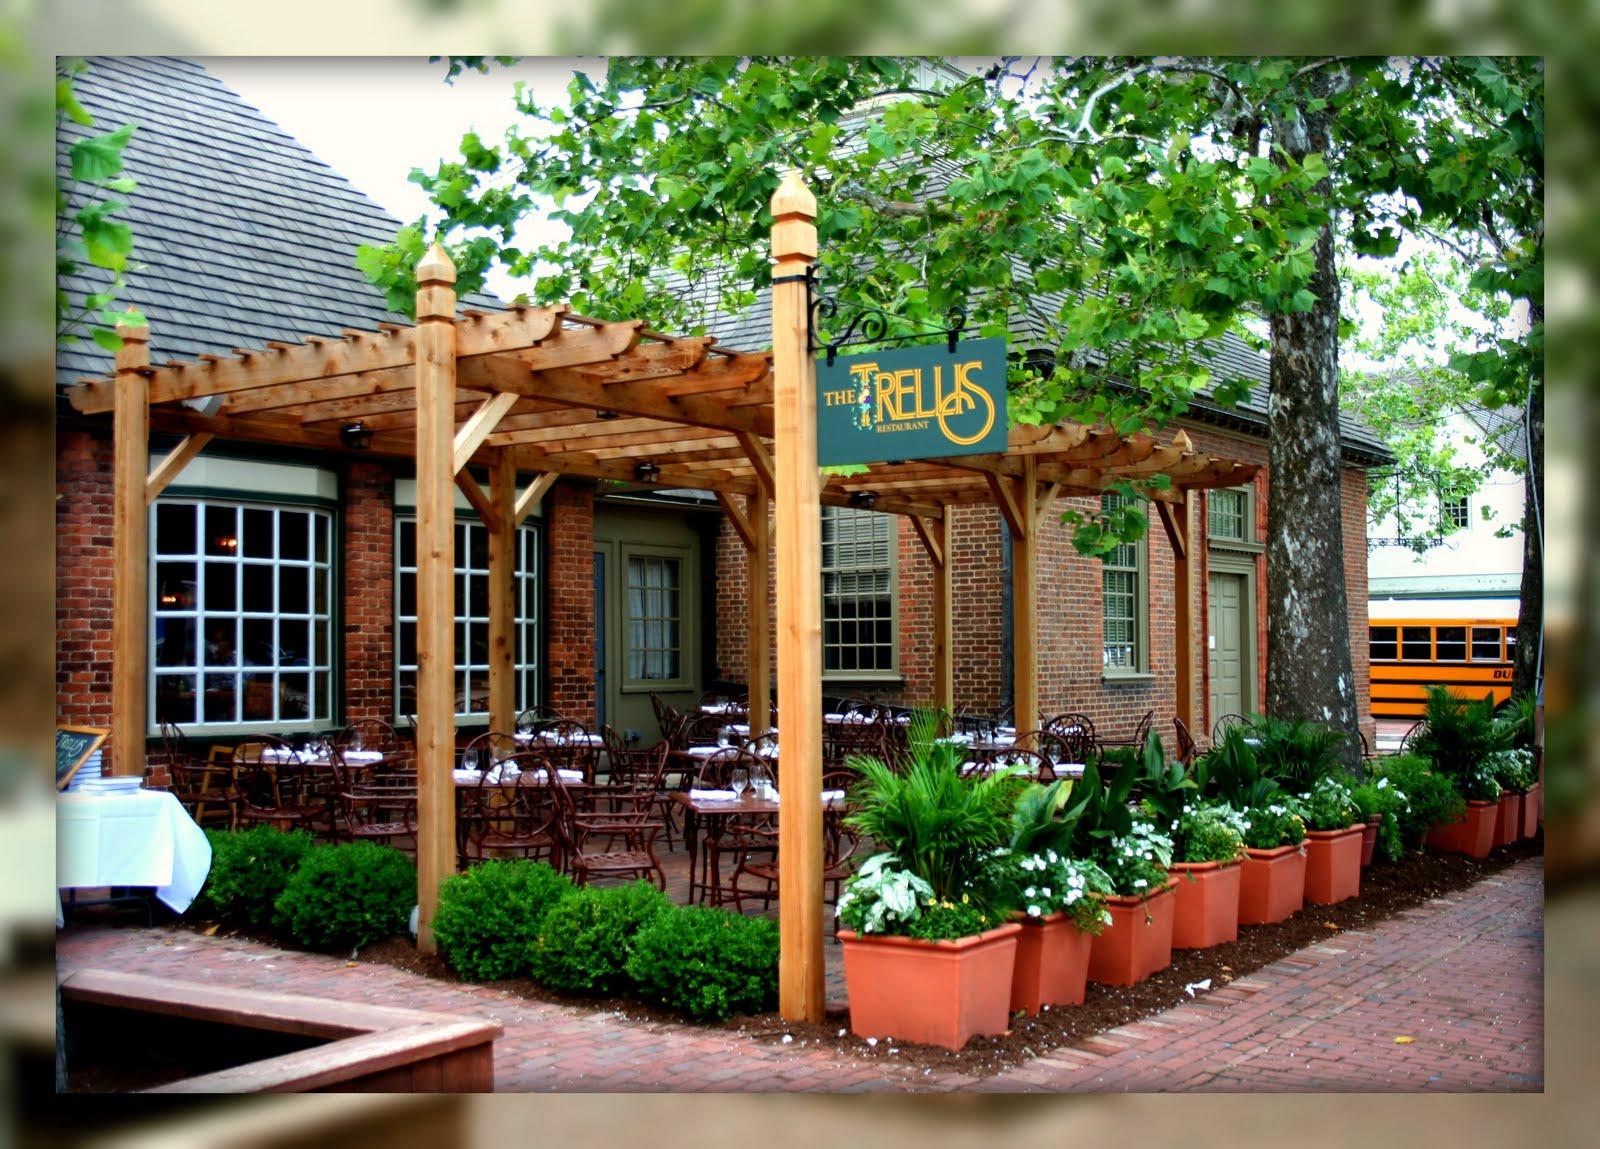 Living In Williamsburg, Virginia: The Trellis Restaurant ...